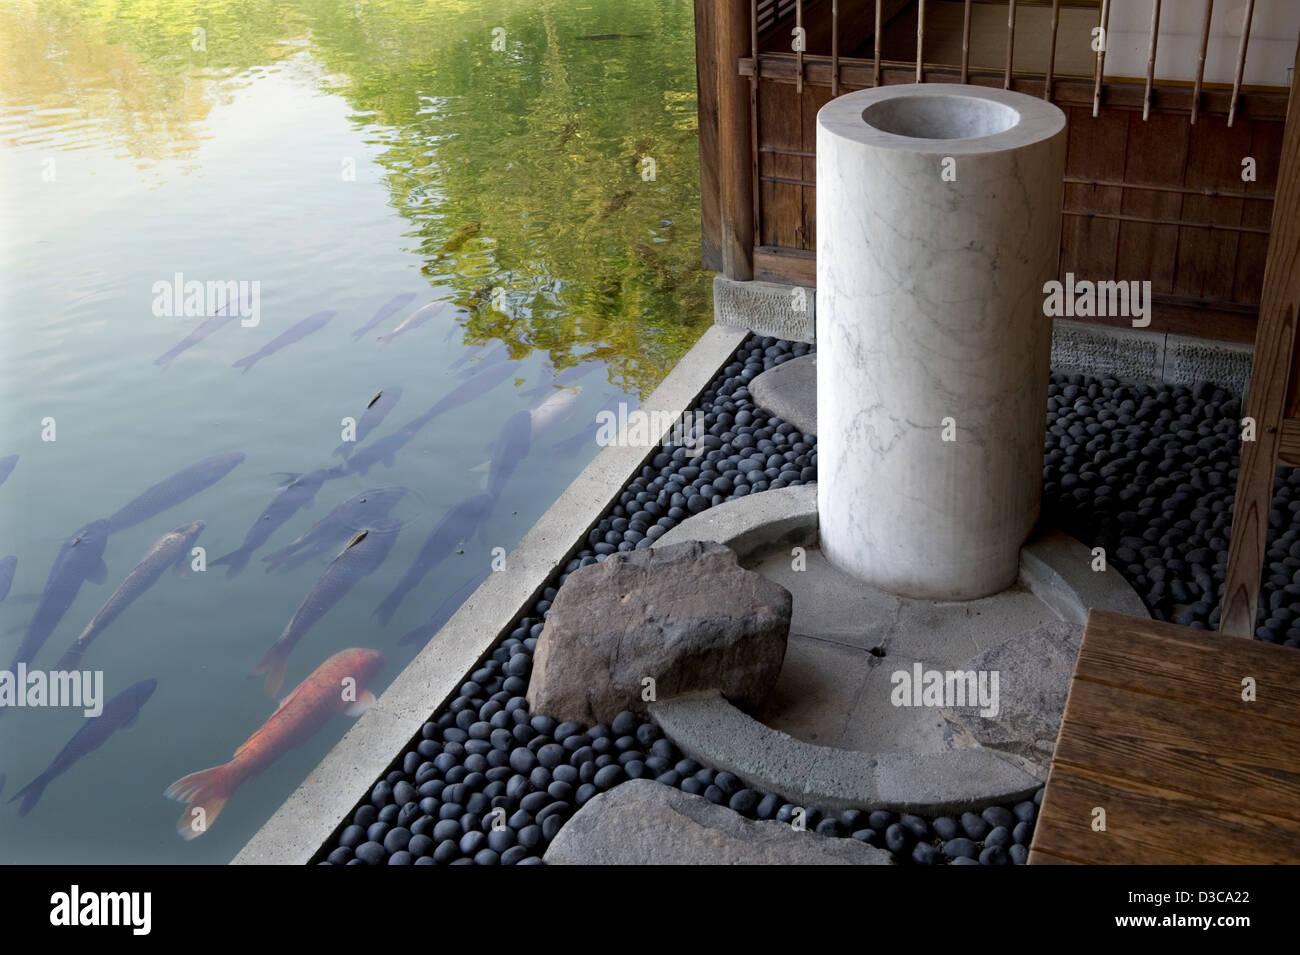 Koi Karpfen Schwimmen Im Teich Neben Fluss Stein Terrasse Und Holz